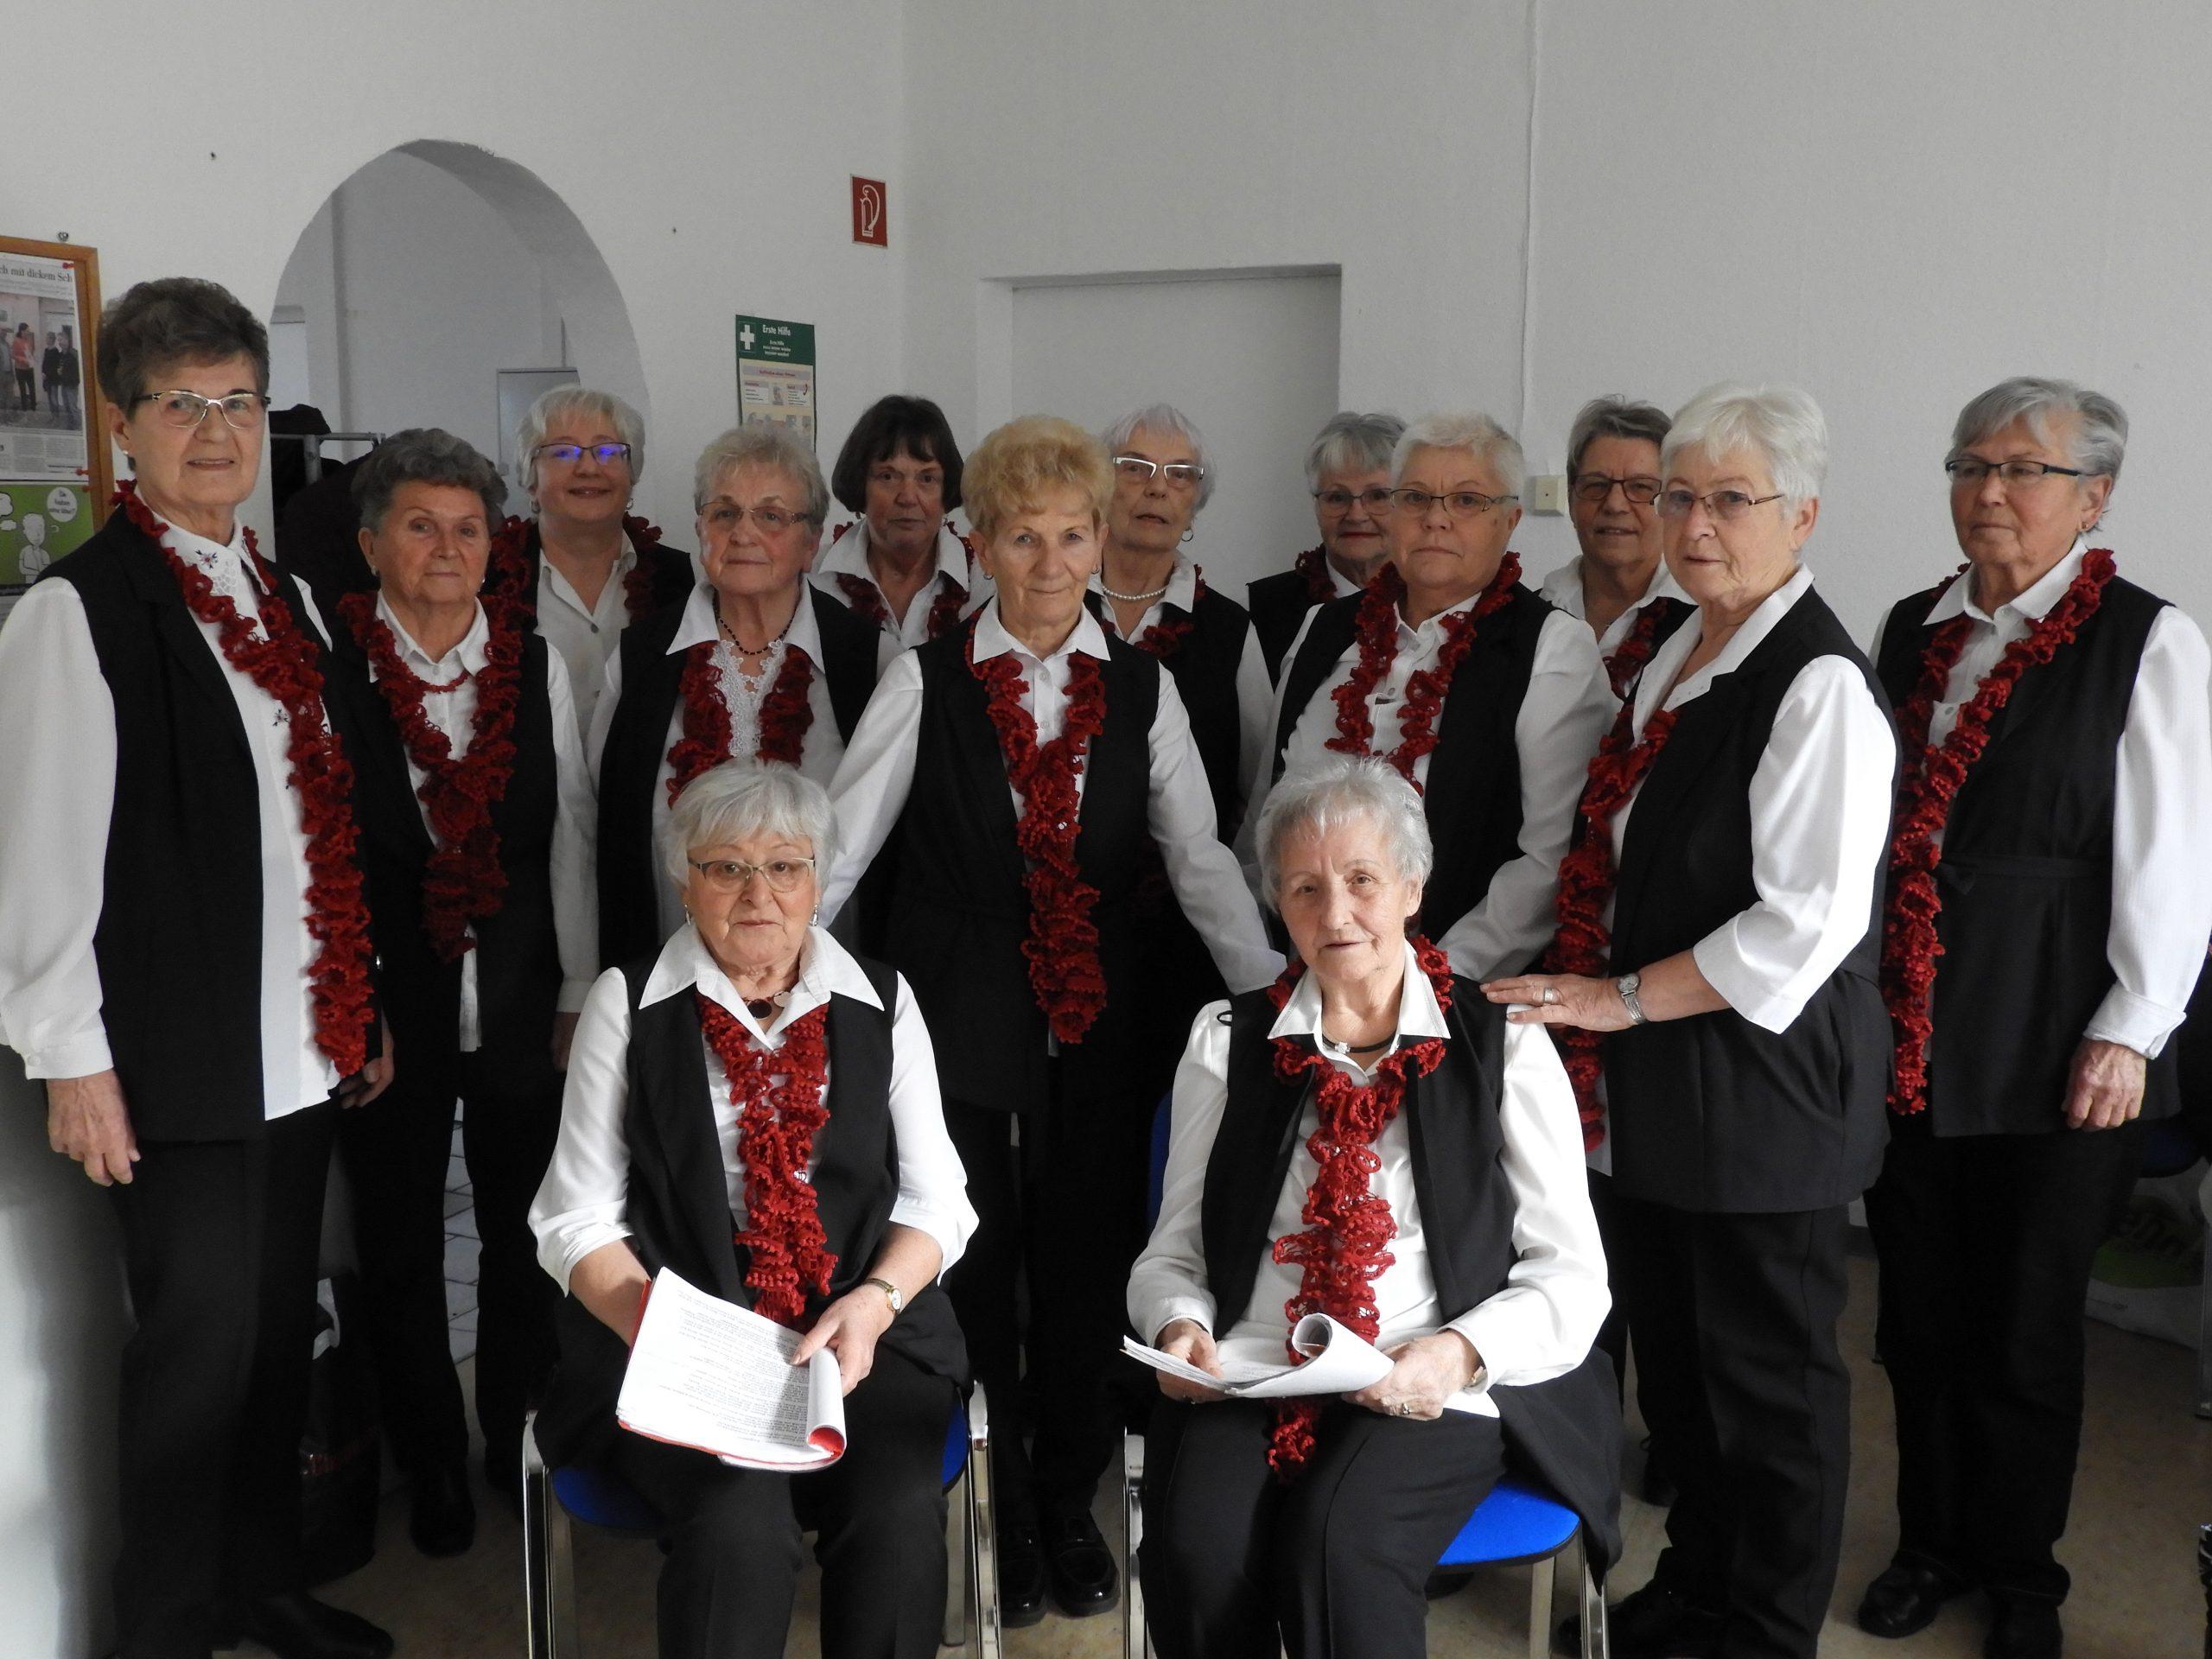 AWO-Chor mit Chorleiterin Hannelore Werner